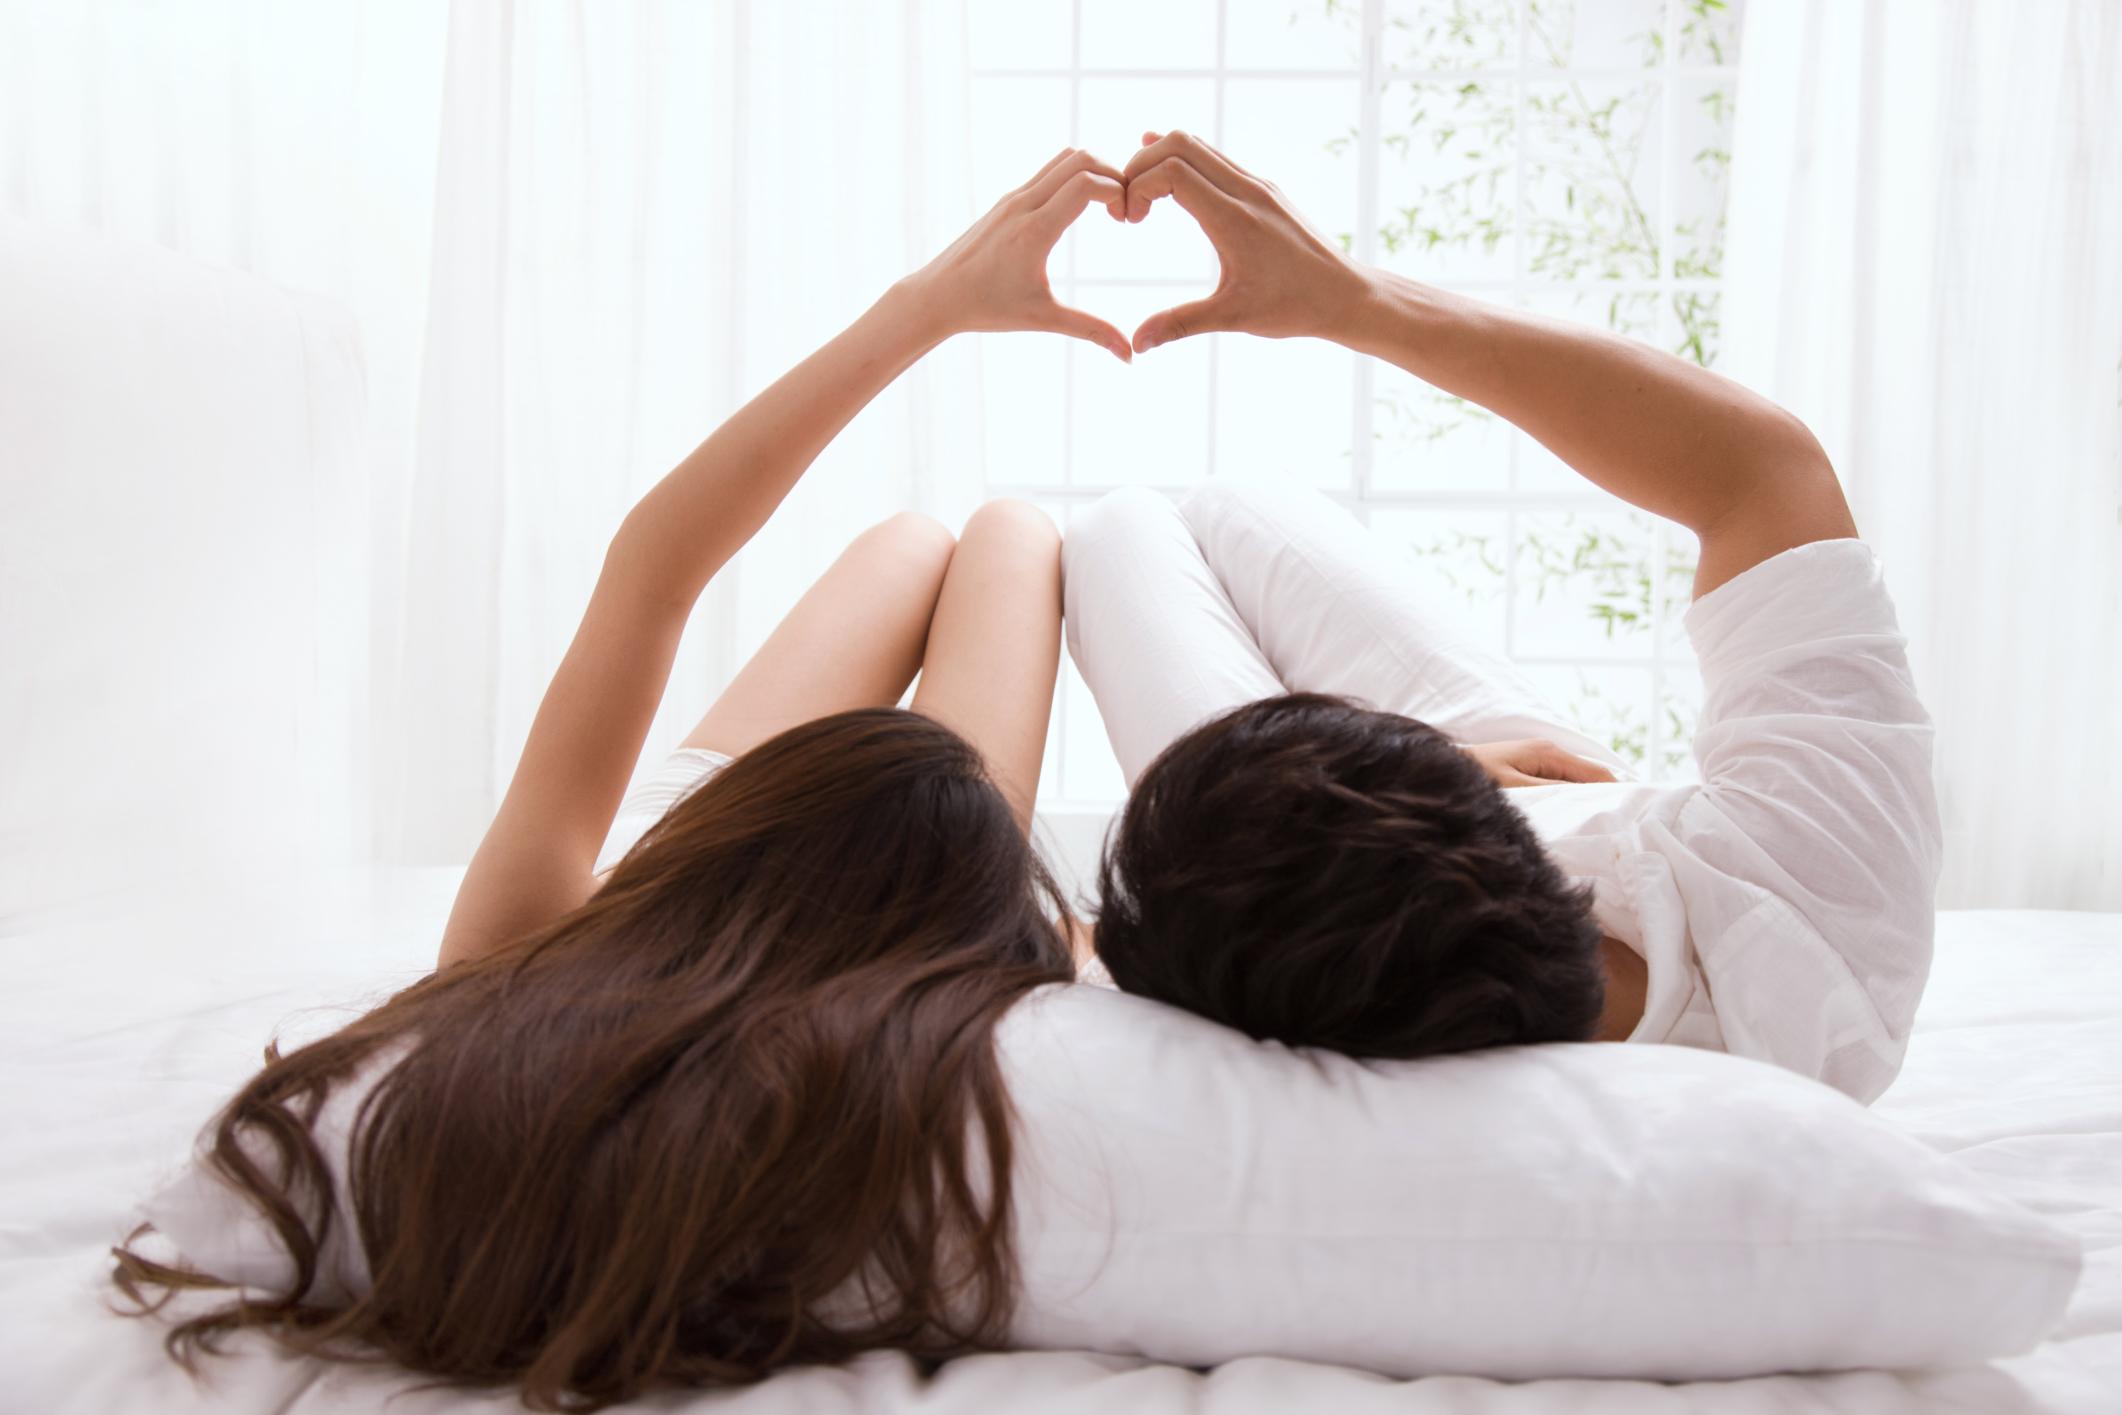 giochi a letto per lei sito per chattare